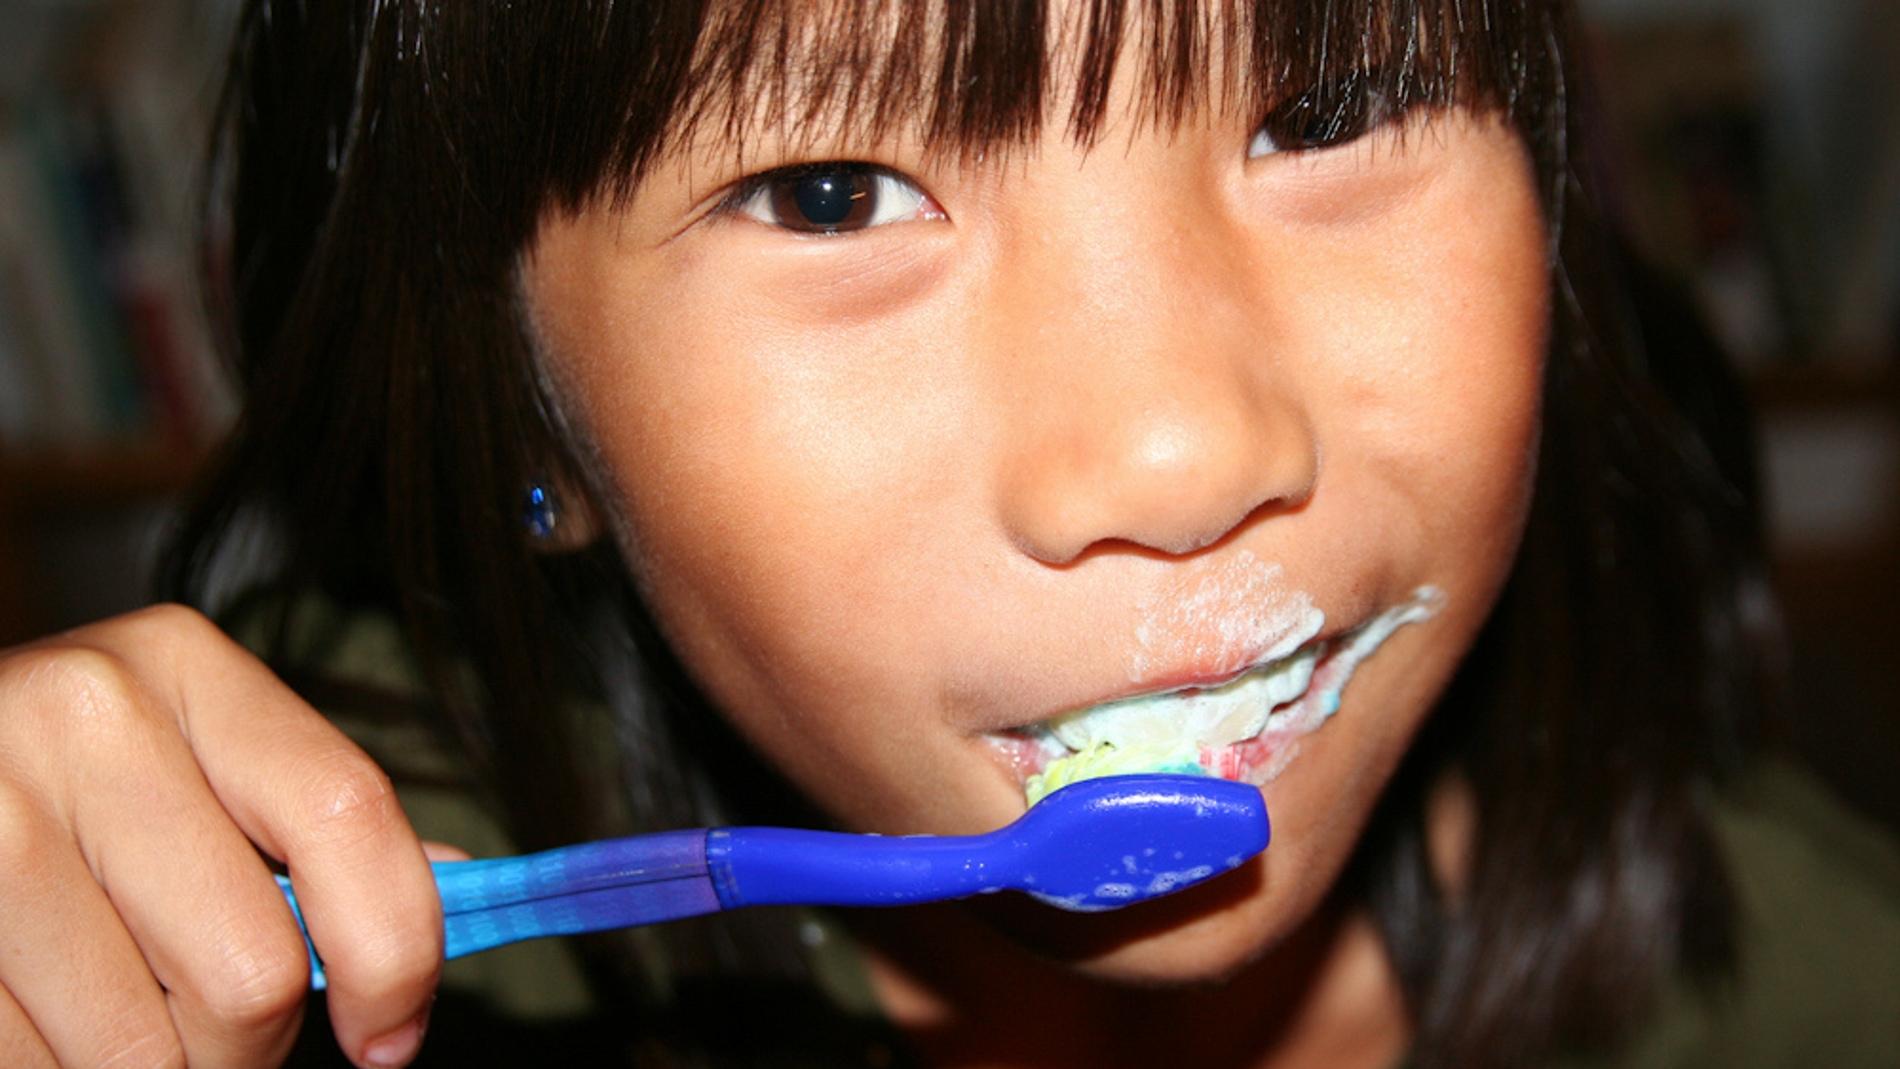 Un compuesto de la pasta de dientes afecta a las papilas gustativas